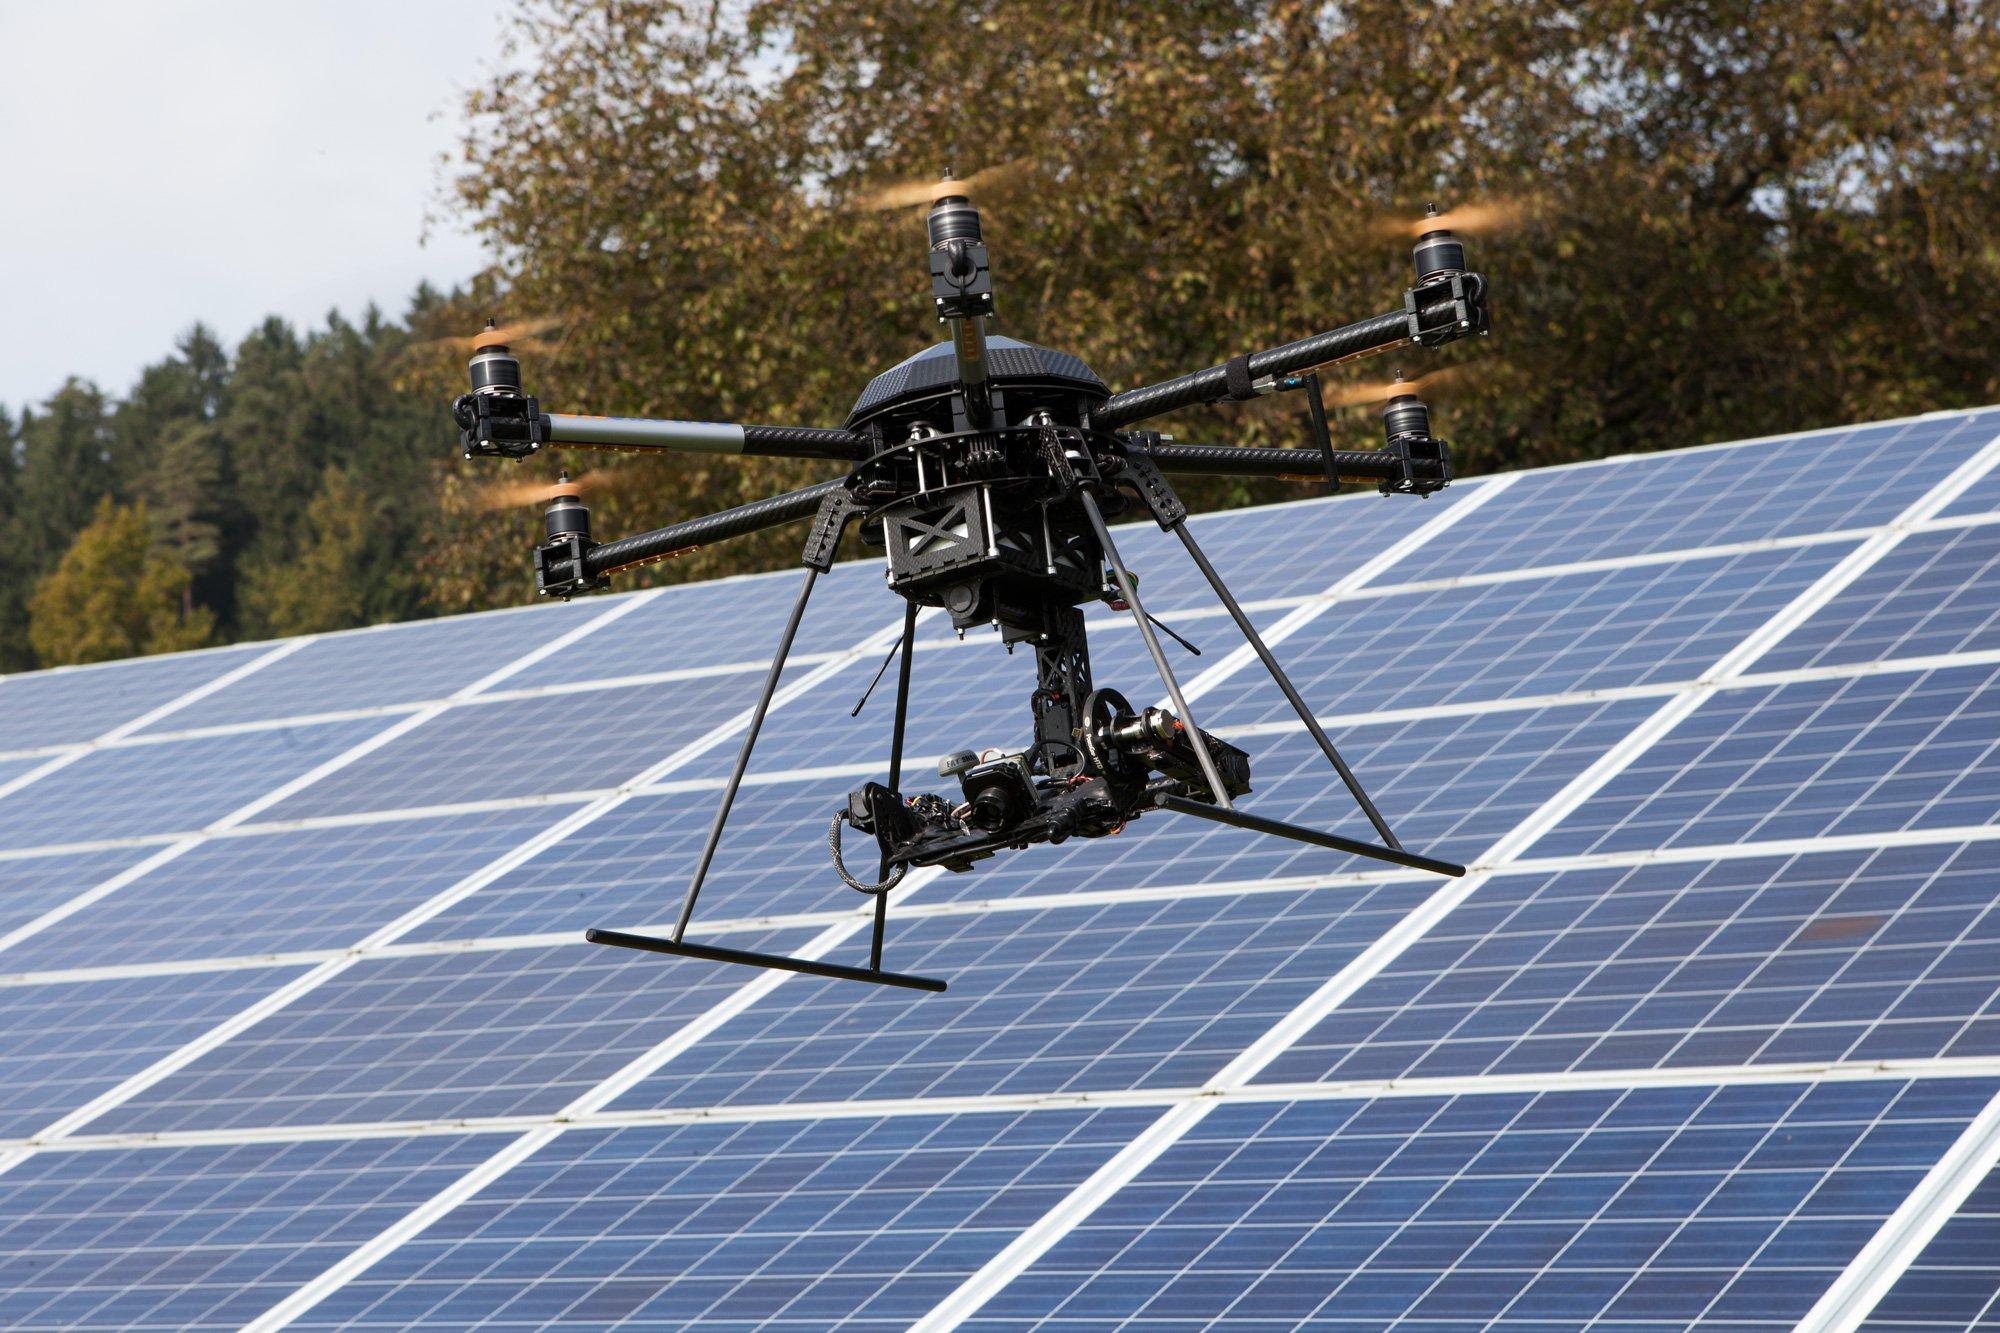 Drohne vonAirborne Robotics zur Überwachung von Solaranlagen: Diese Drohnen sind auch mit Infrarotkameras ausgestattet, die den Zustand einzelne Panele erfassen können.